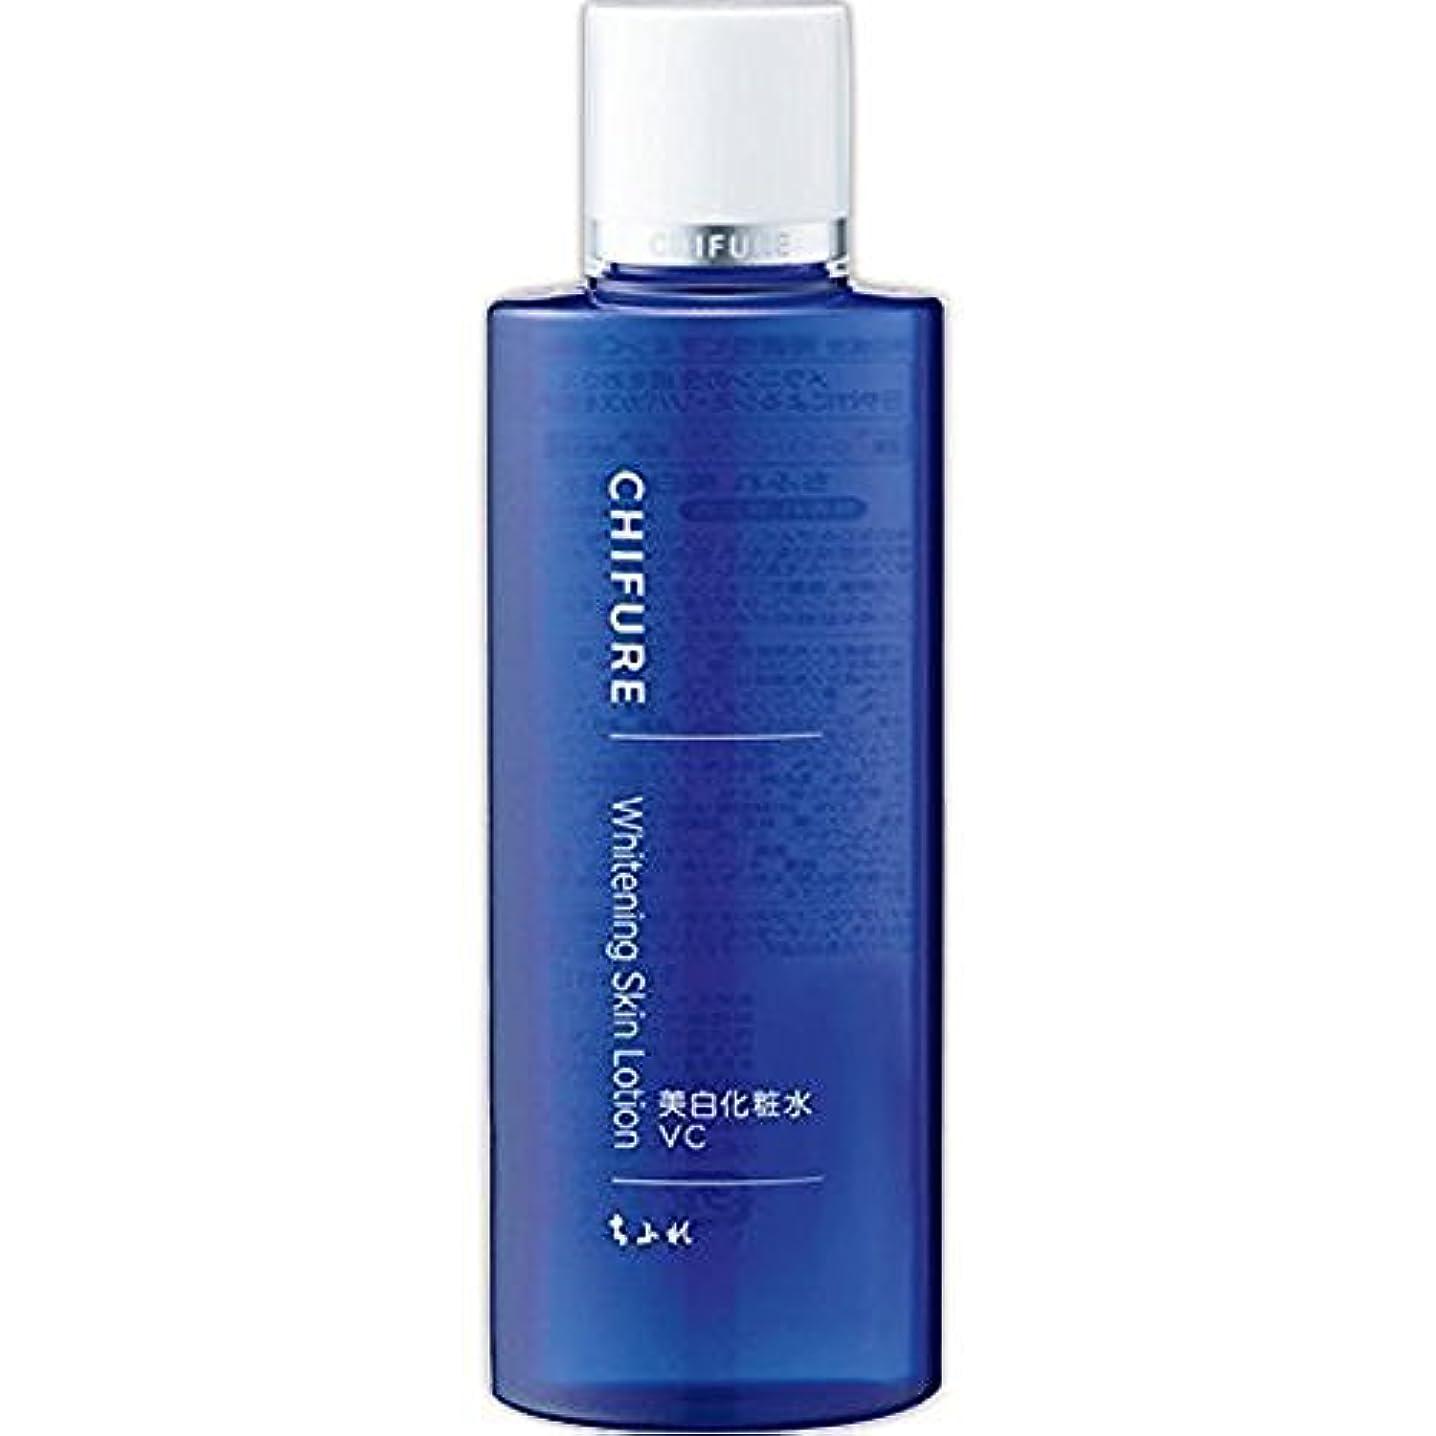 五月選出するピューちふれ化粧品 美白化粧水 VC 180ML (医薬部外品)